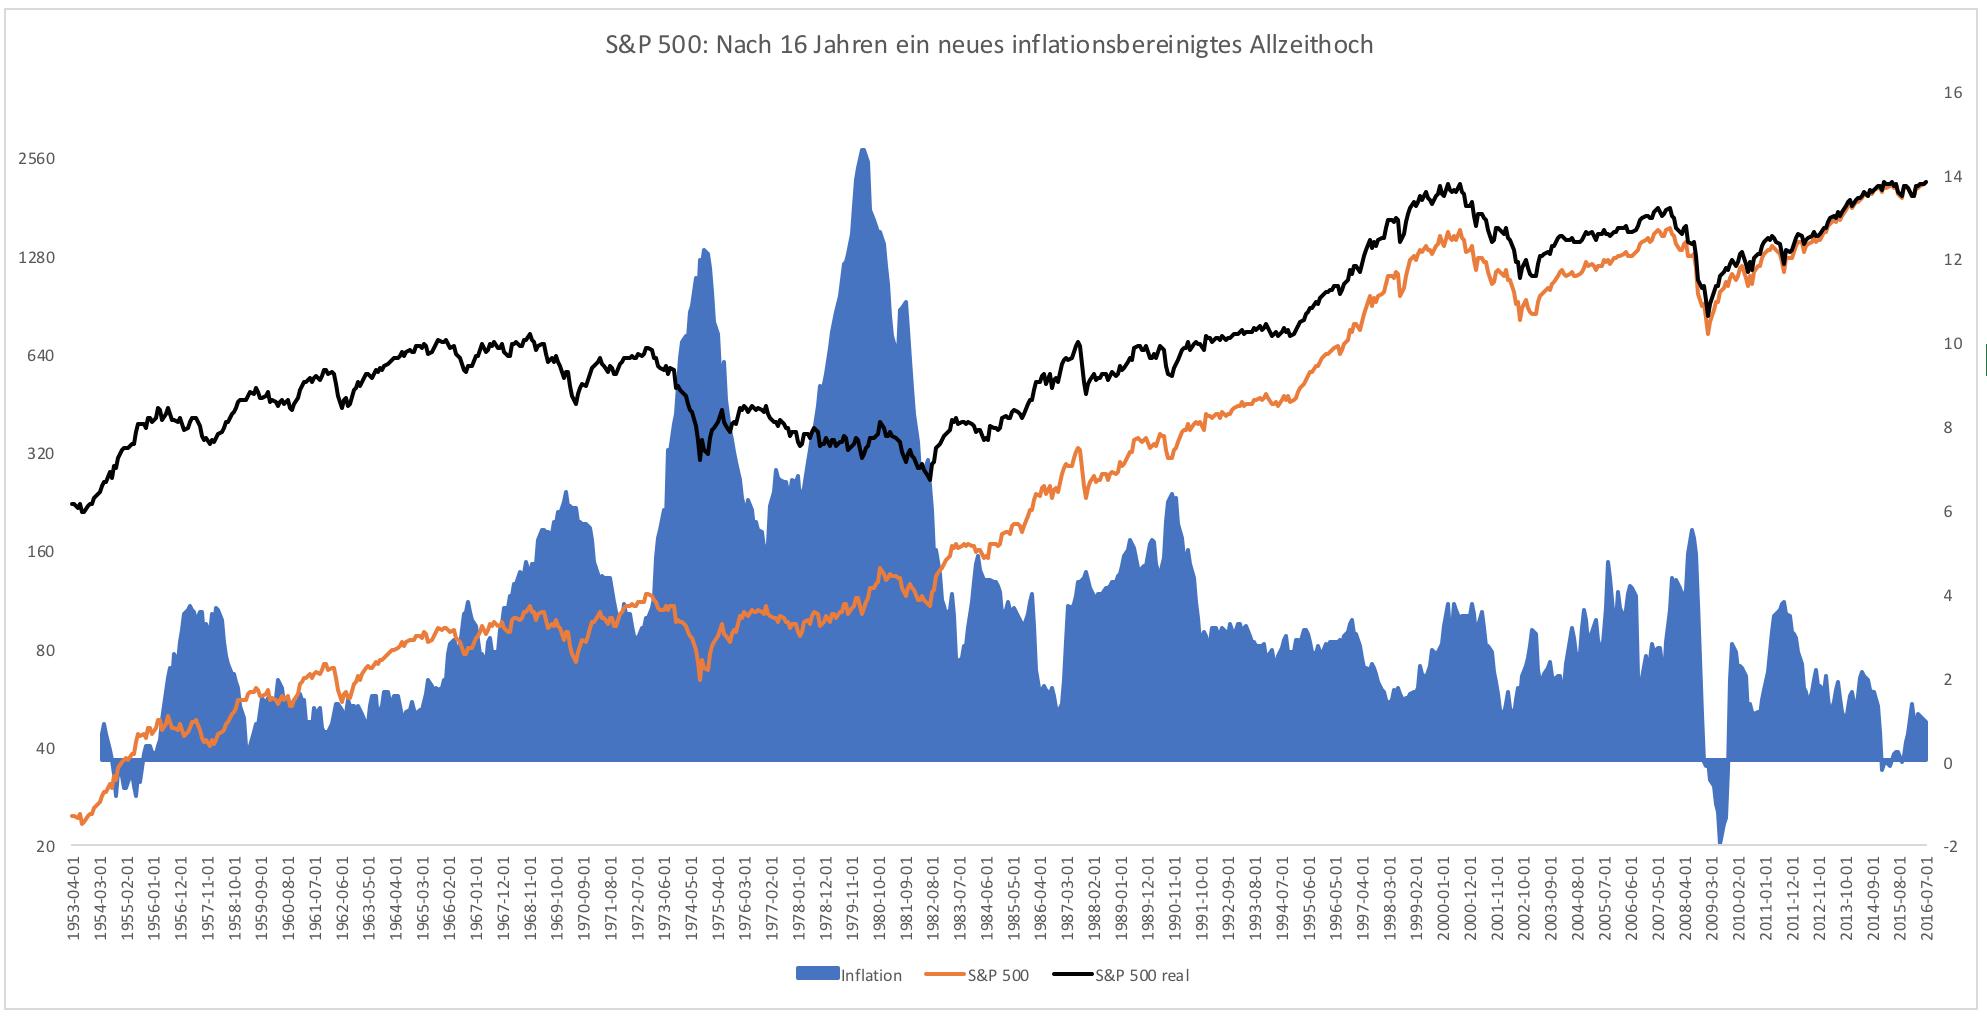 Allzeithoch-in-den-USA-Vor-Inflation-Kommentar-Clemens-Schmale-GodmodeTrader.de-1